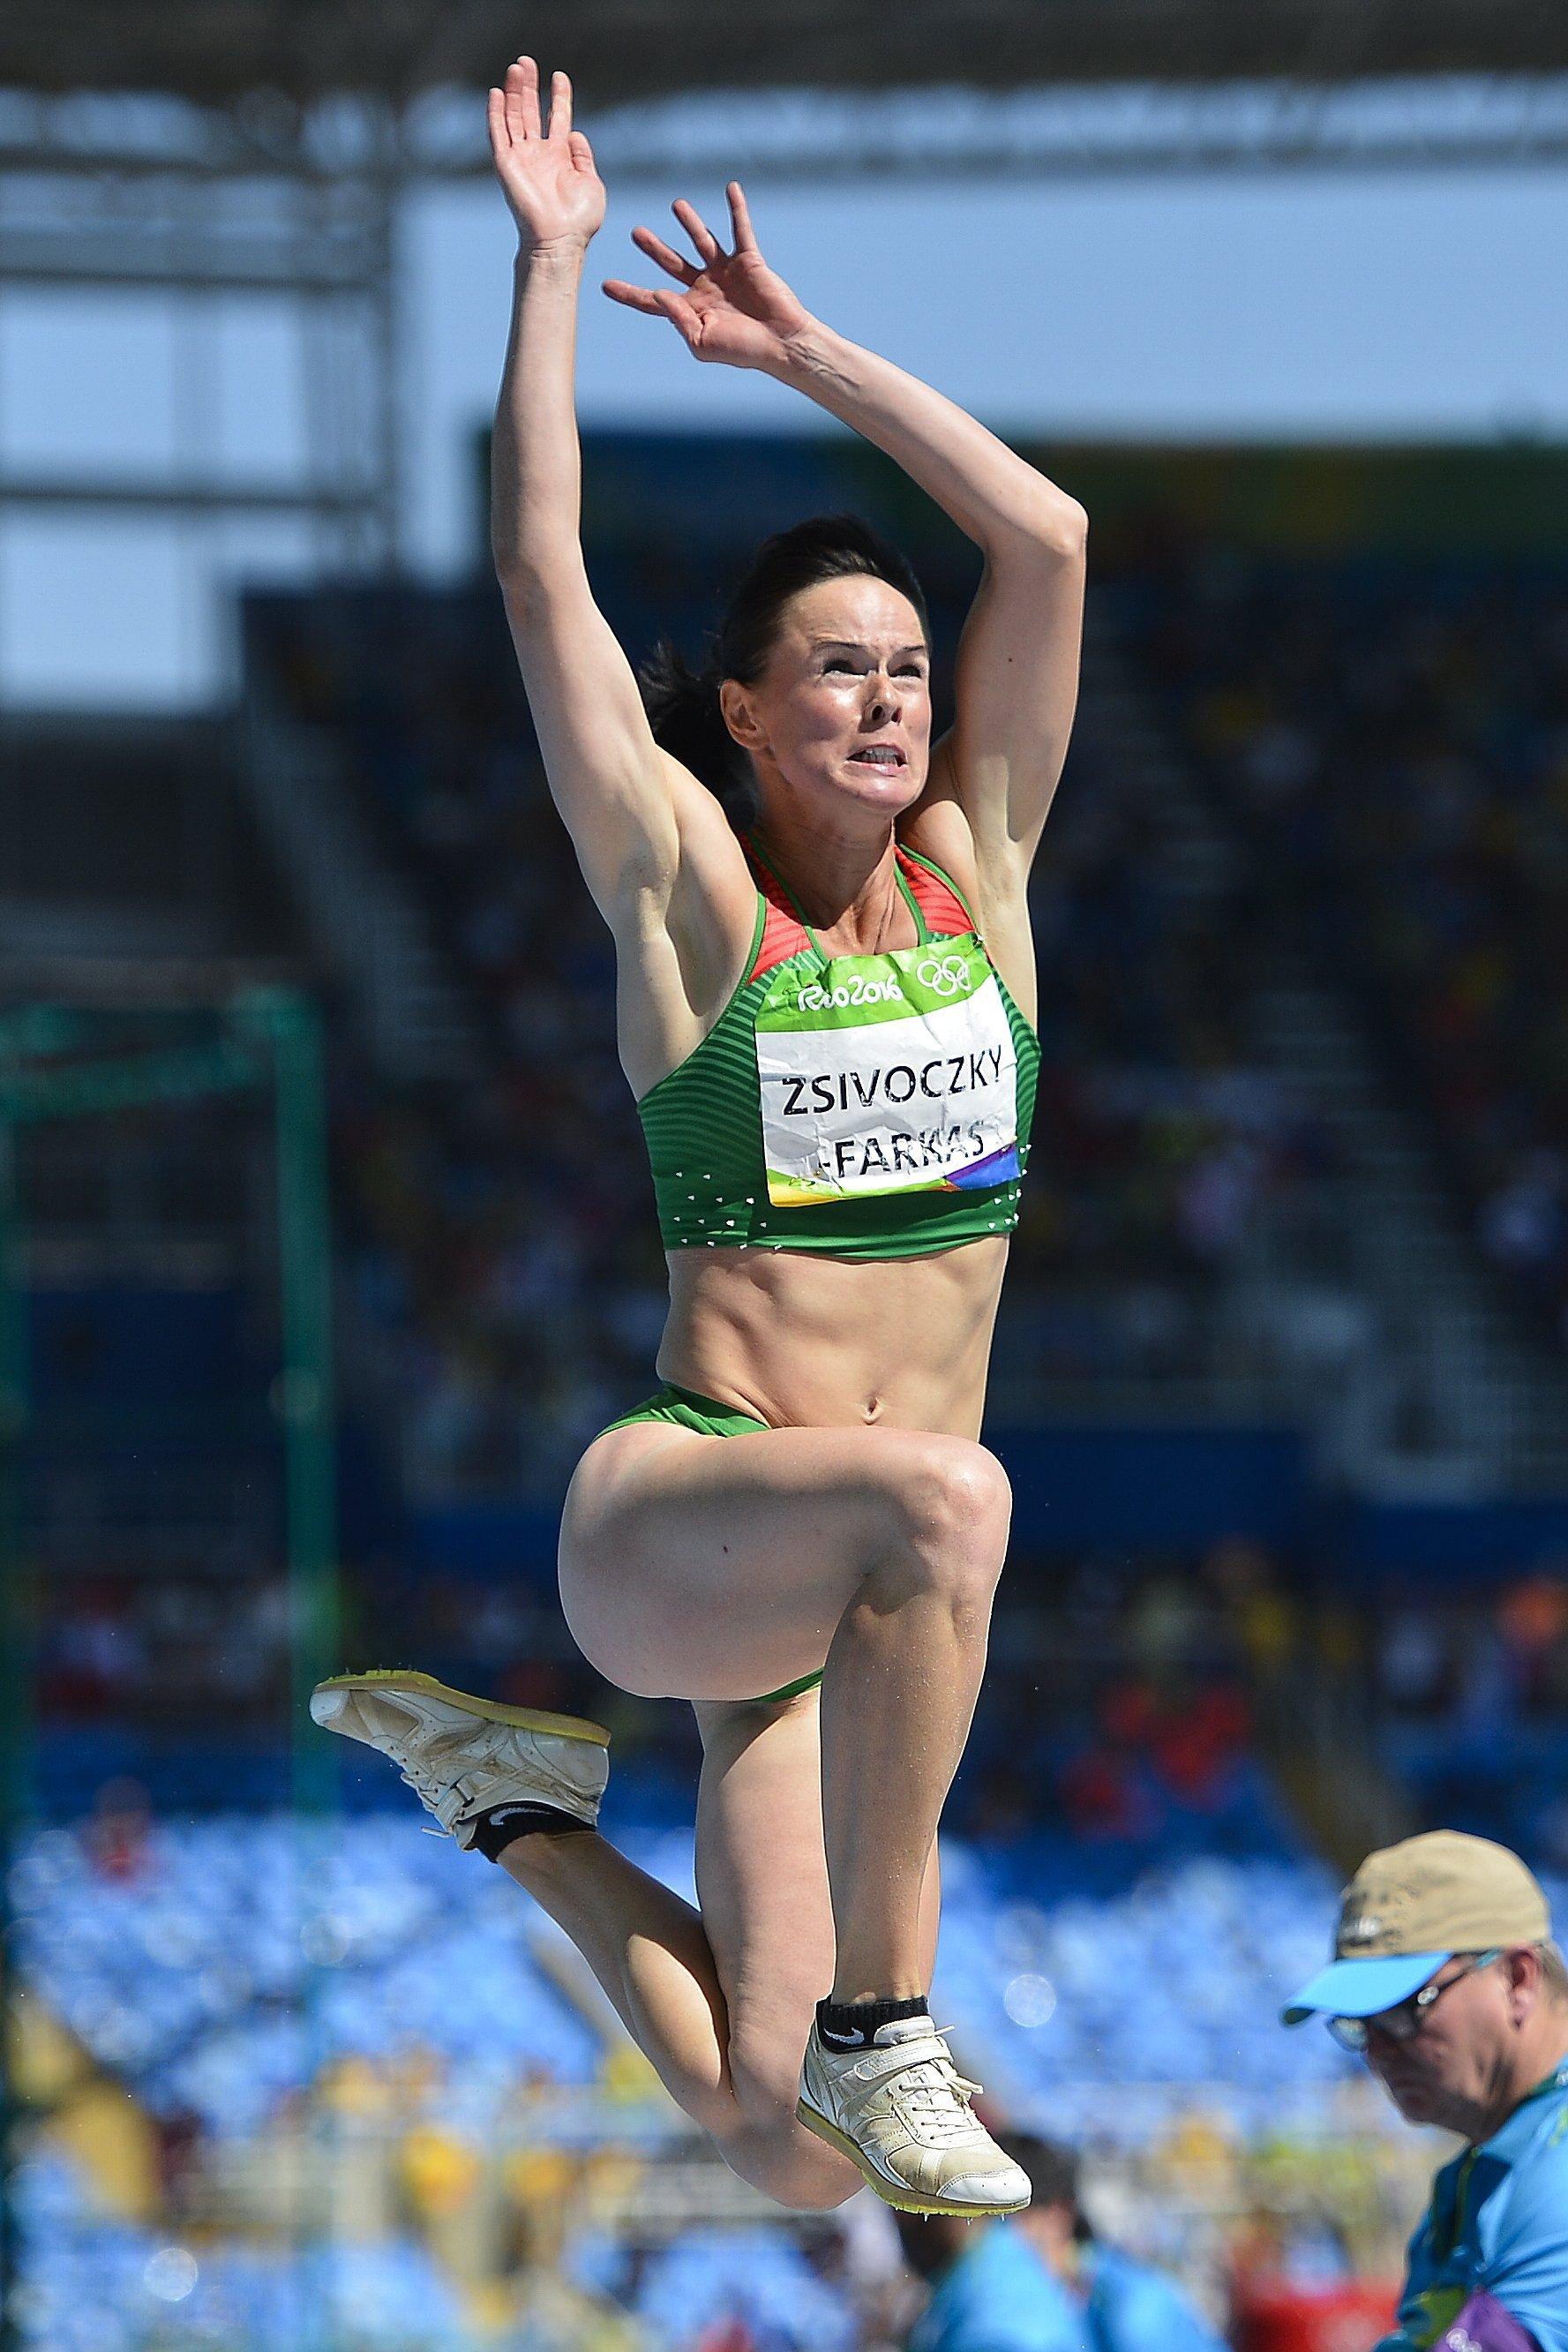 Zsivoczky-Farkas Györgyi a riói nyári olimpia hétpróba távolugrás versenyszámában.